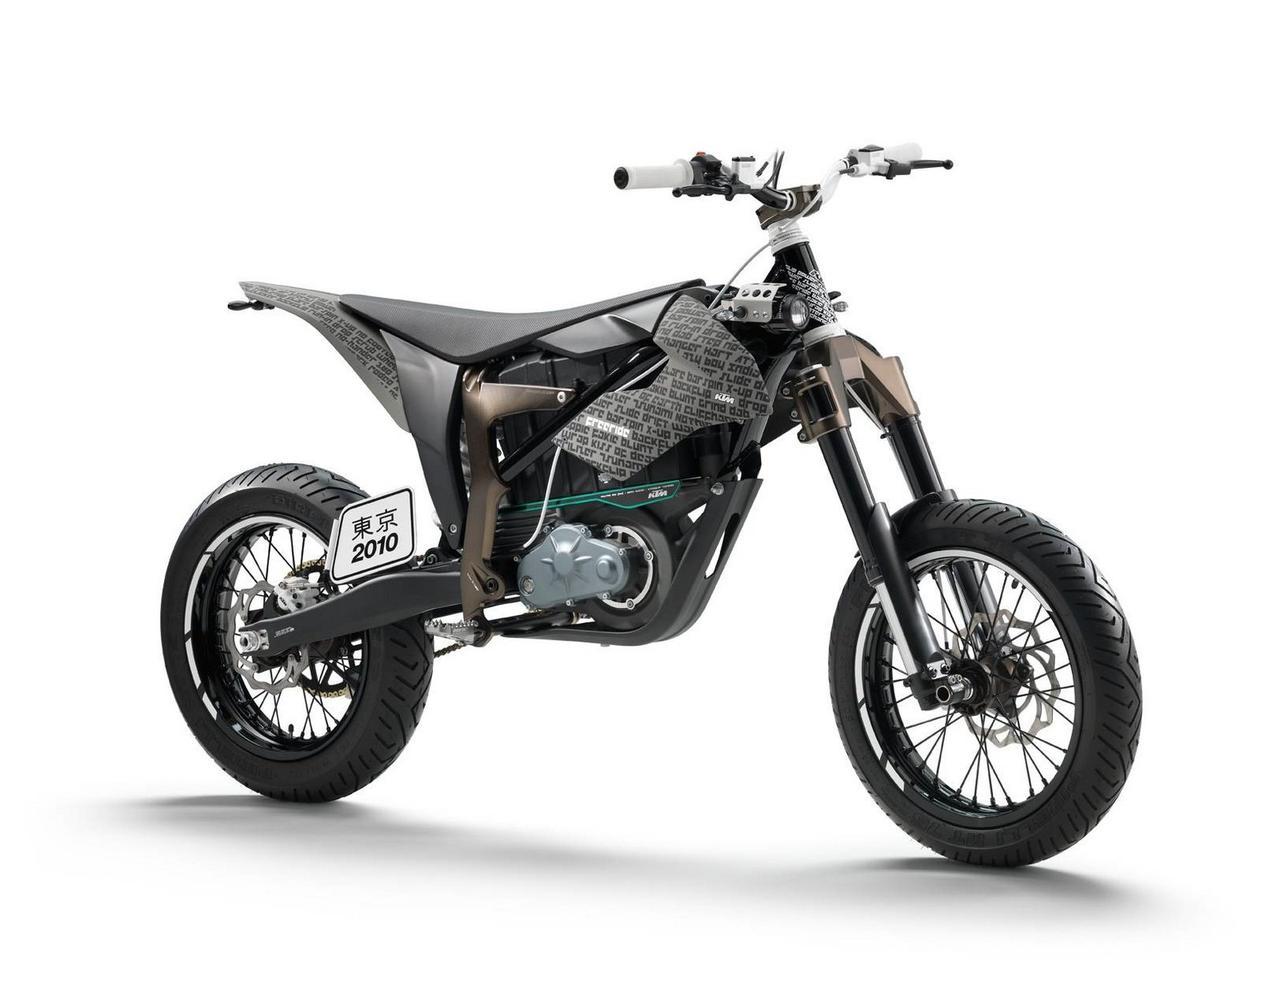 画像: KTM FREERIDE Eの「SM」プロトタイプ。シュラウドやリアフェンダーに記されているのはBMXのトリック名であり、BMX用のような構造のWP製フロントフォークがその特徴でした。 press.ktm.com